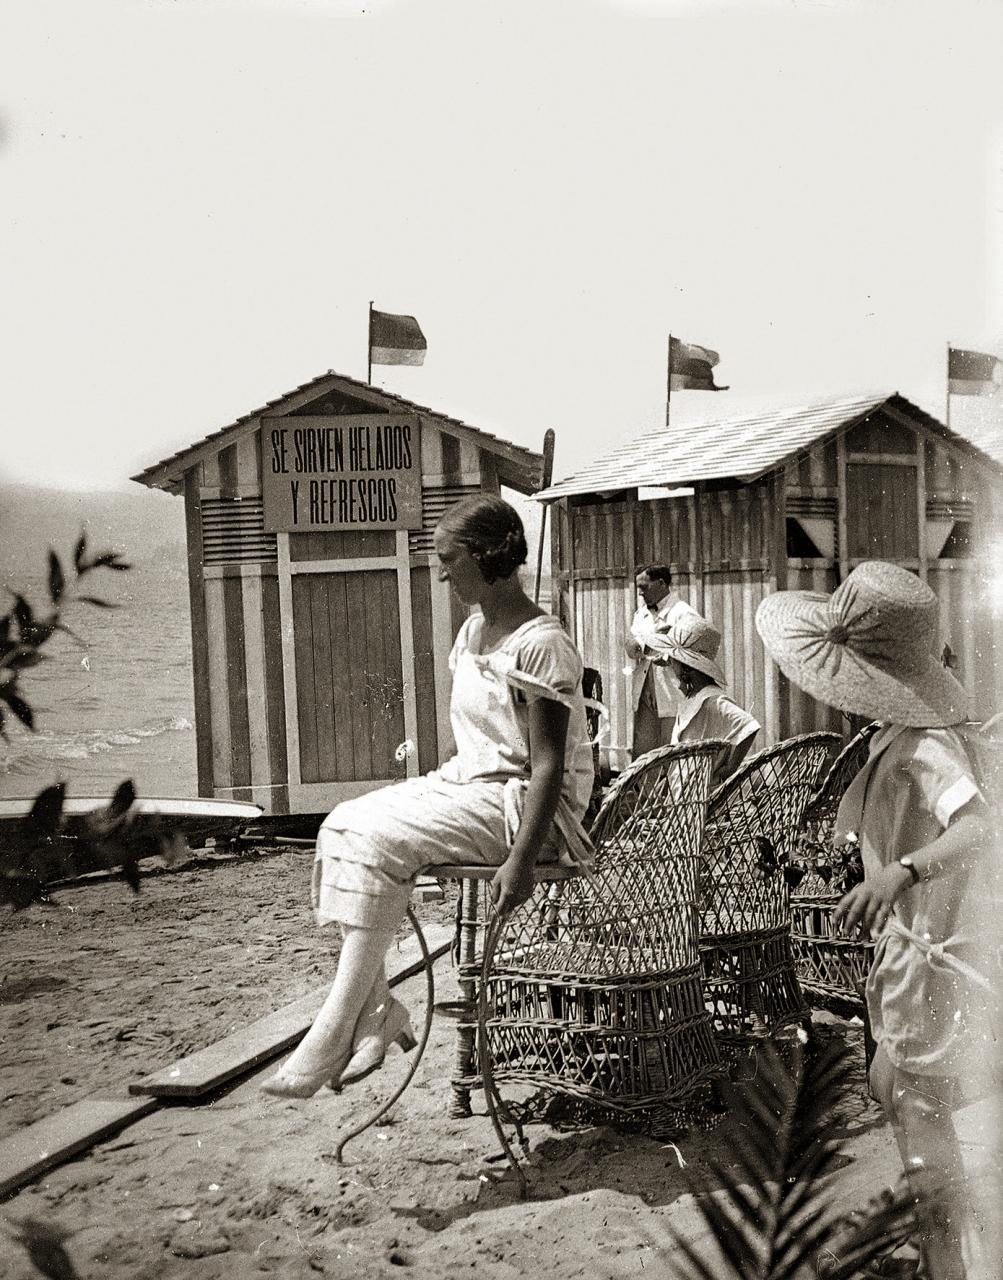 The original idea for Ciudad Jardín was floated in 1891.